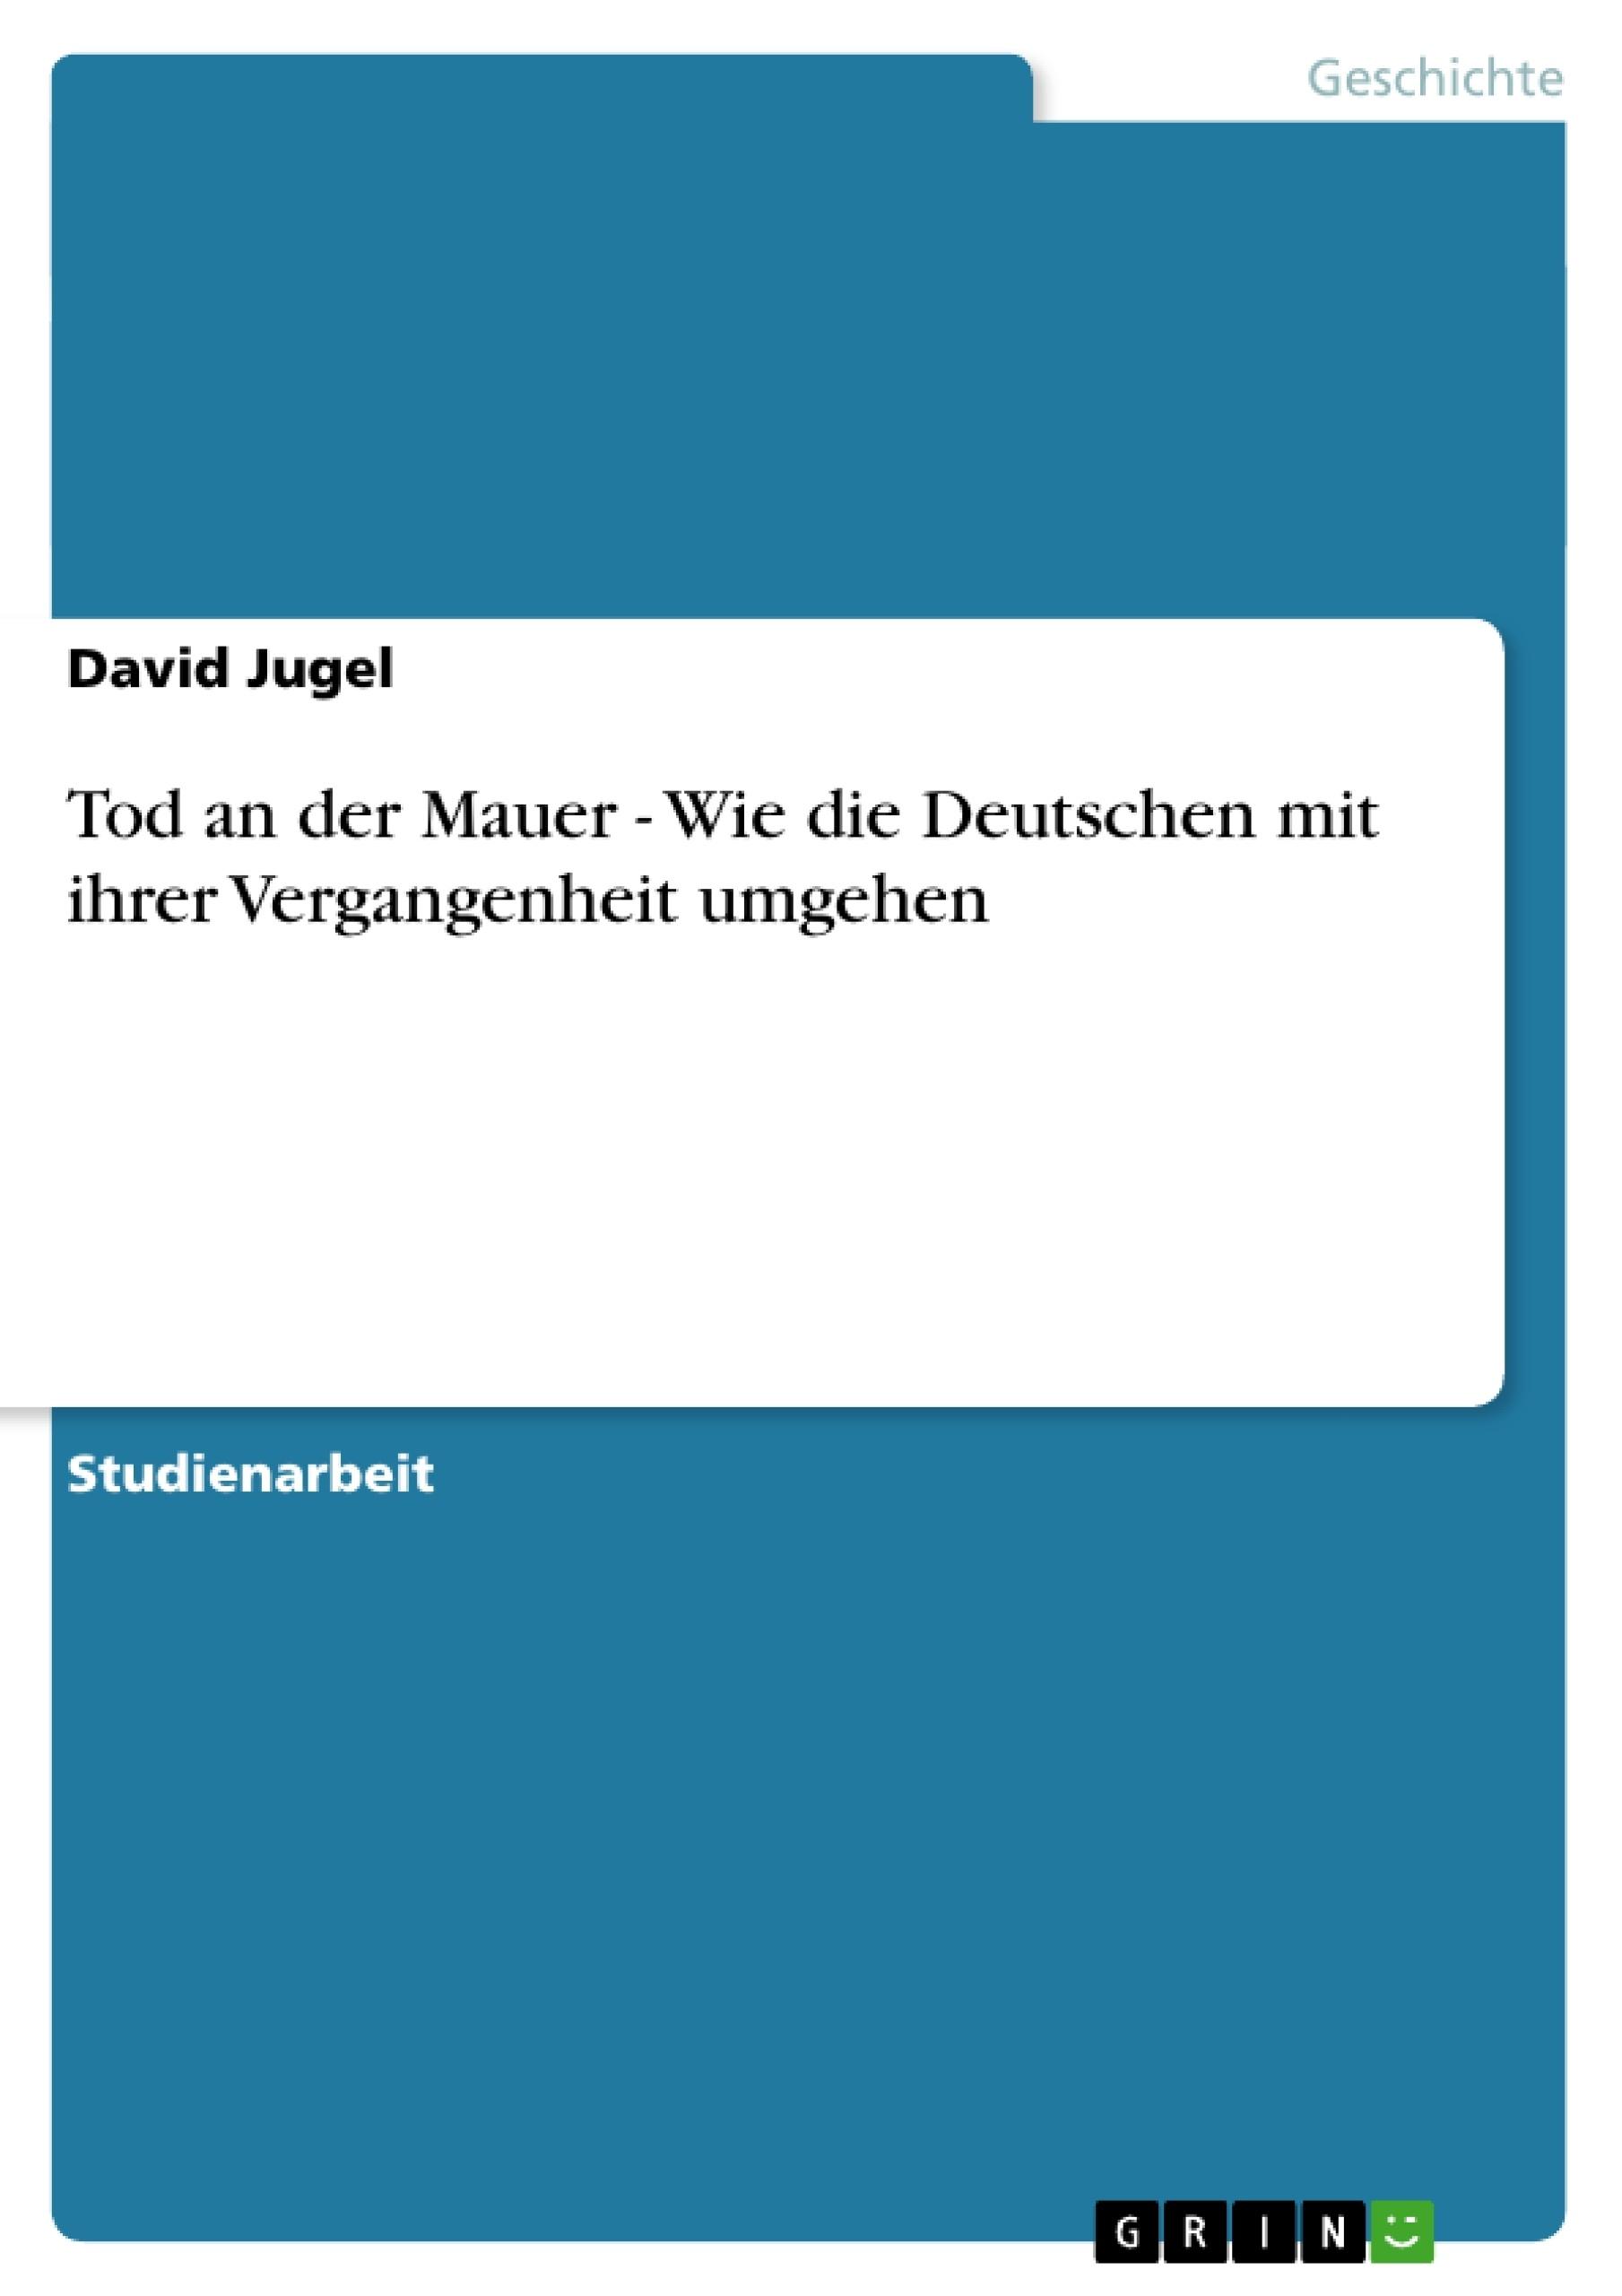 Titel: Tod an der Mauer - Wie die Deutschen mit ihrer Vergangenheit umgehen